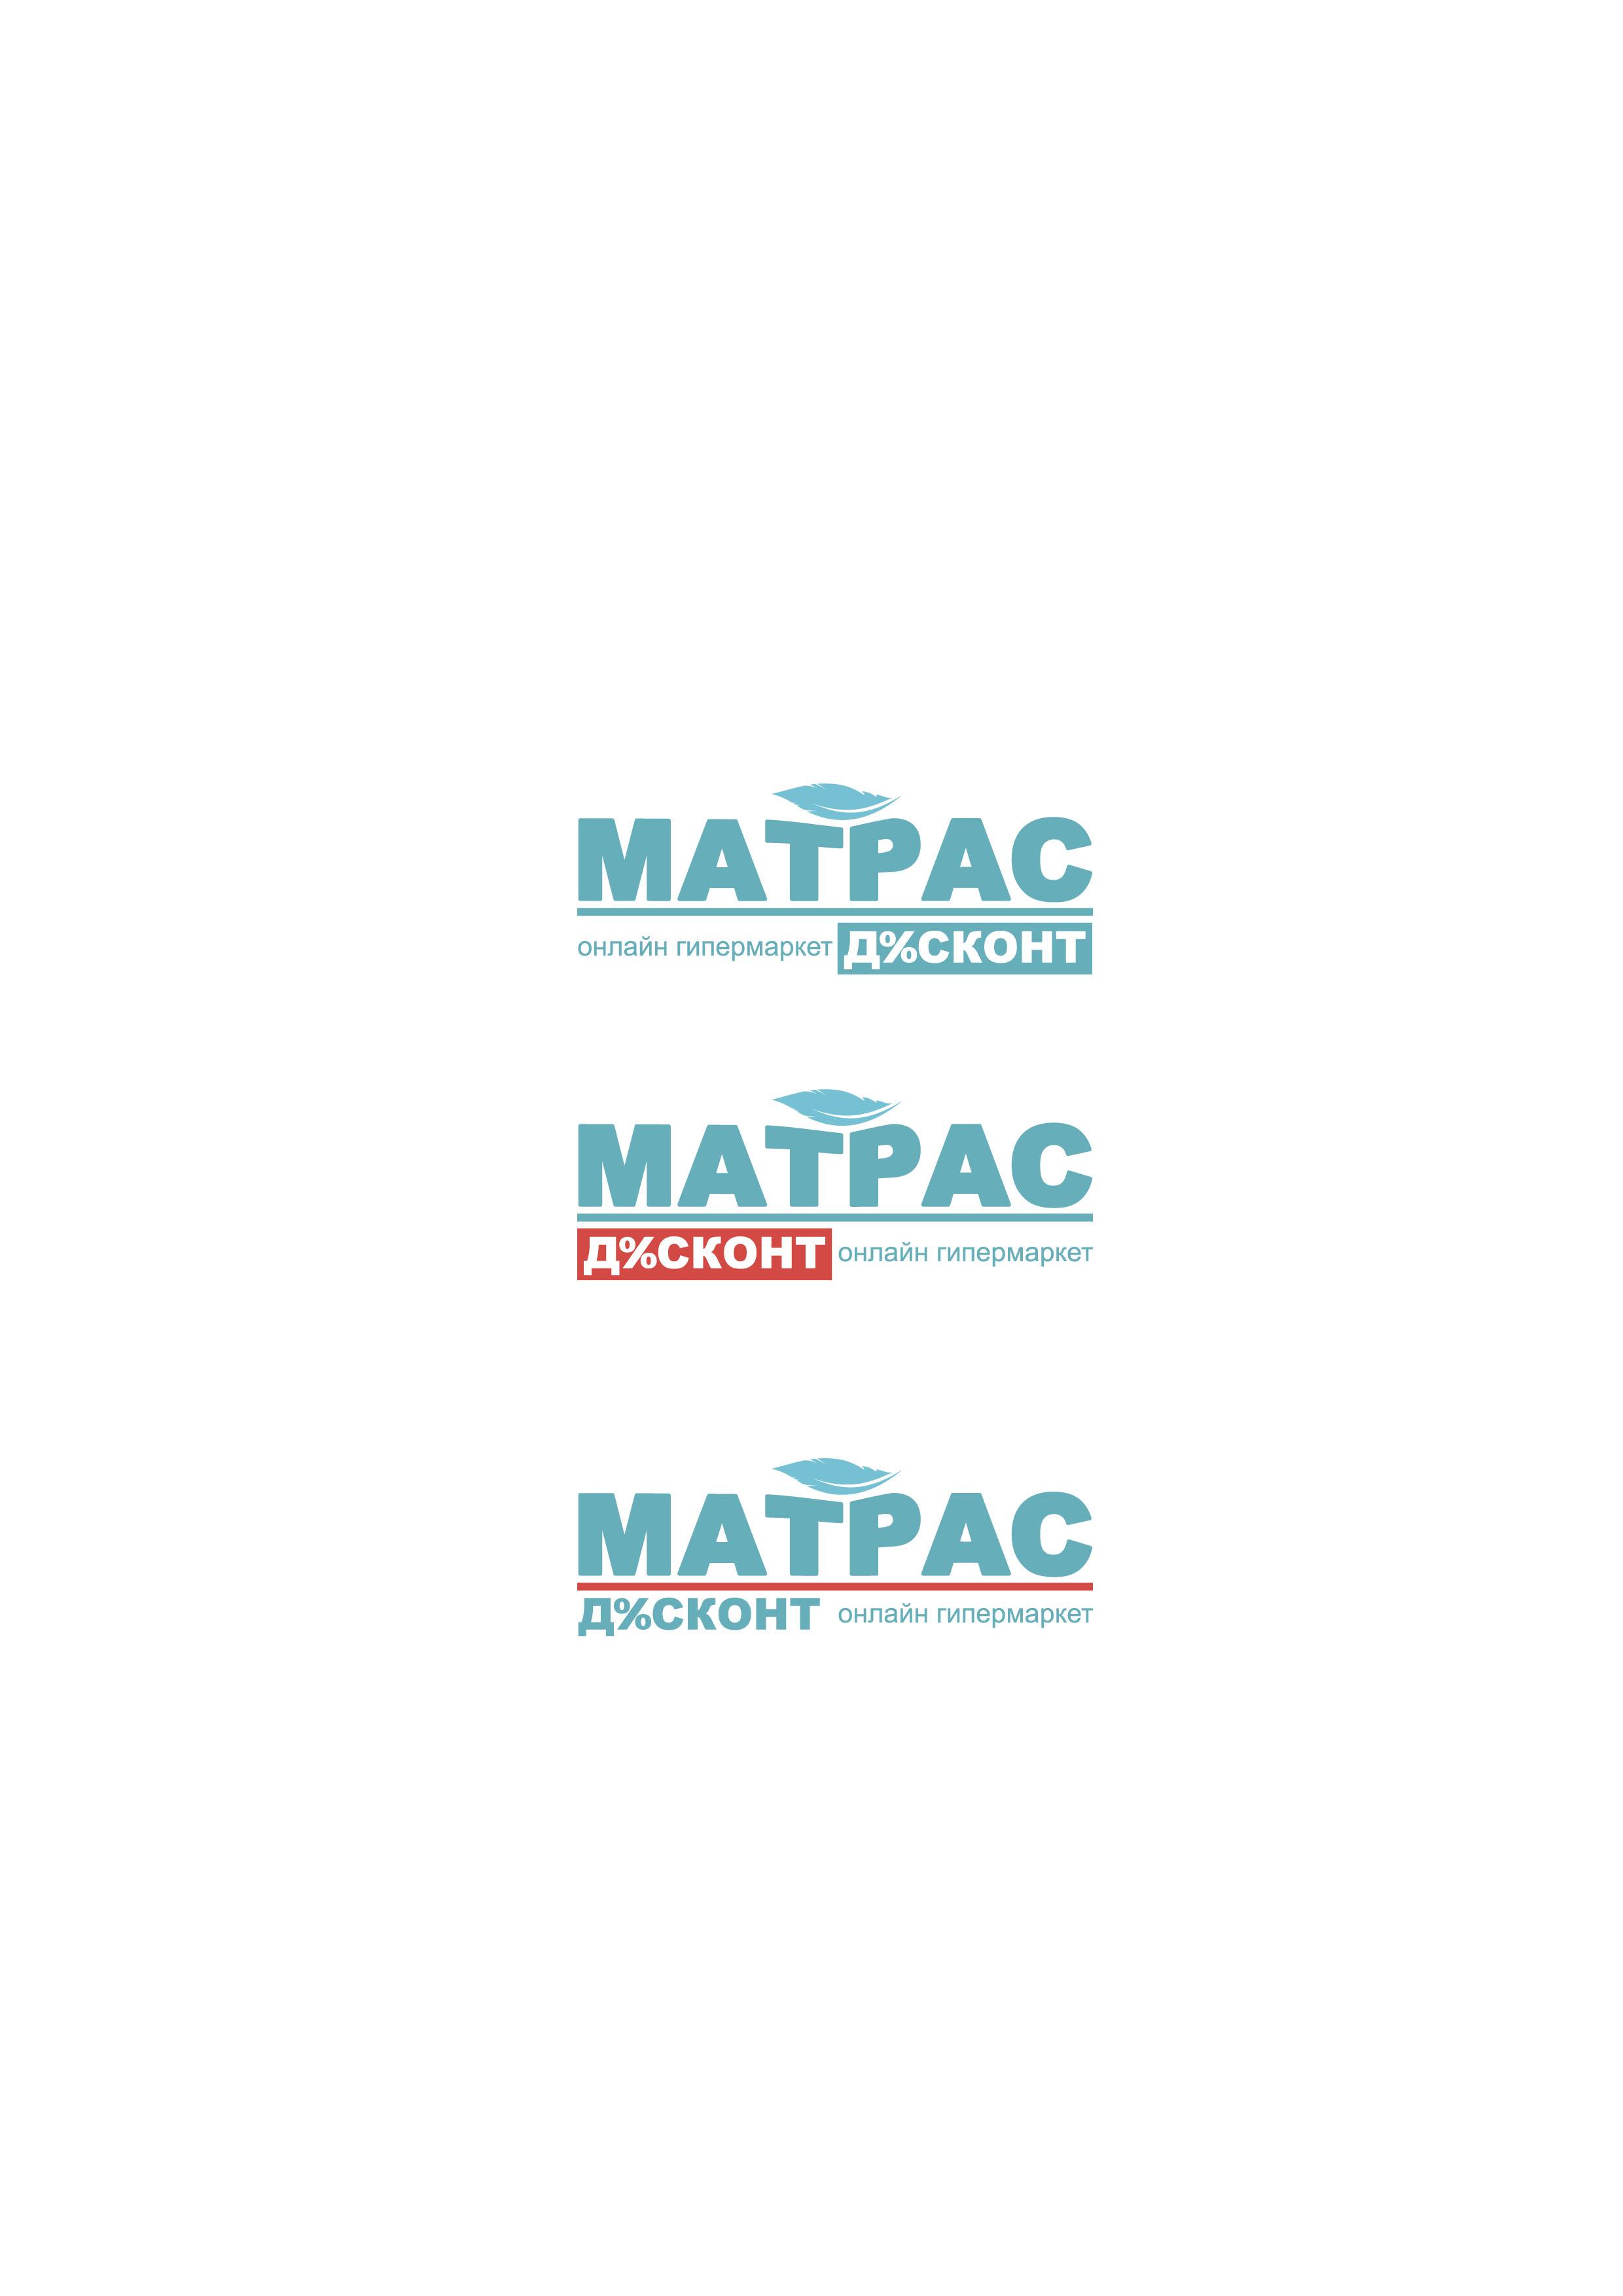 Логотип для ИМ матрасов фото f_7165c89857c82936.jpg